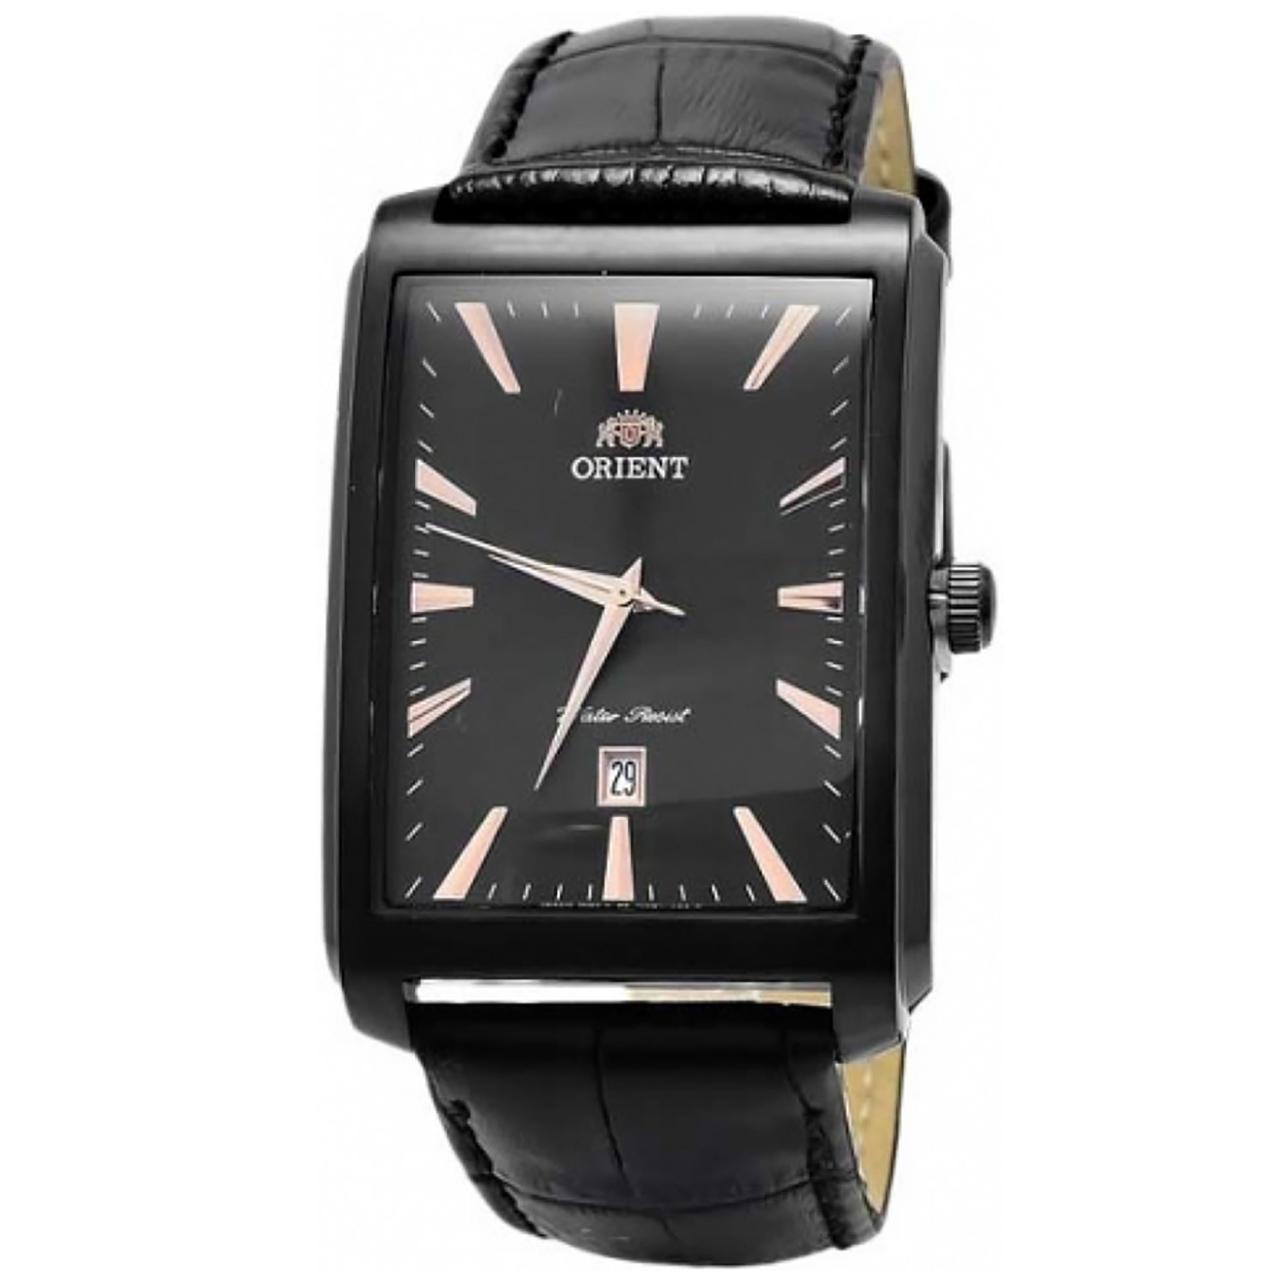 ساعت مچی عقربه ای مردانه  اورینت مدل SUNEJ001B0 23